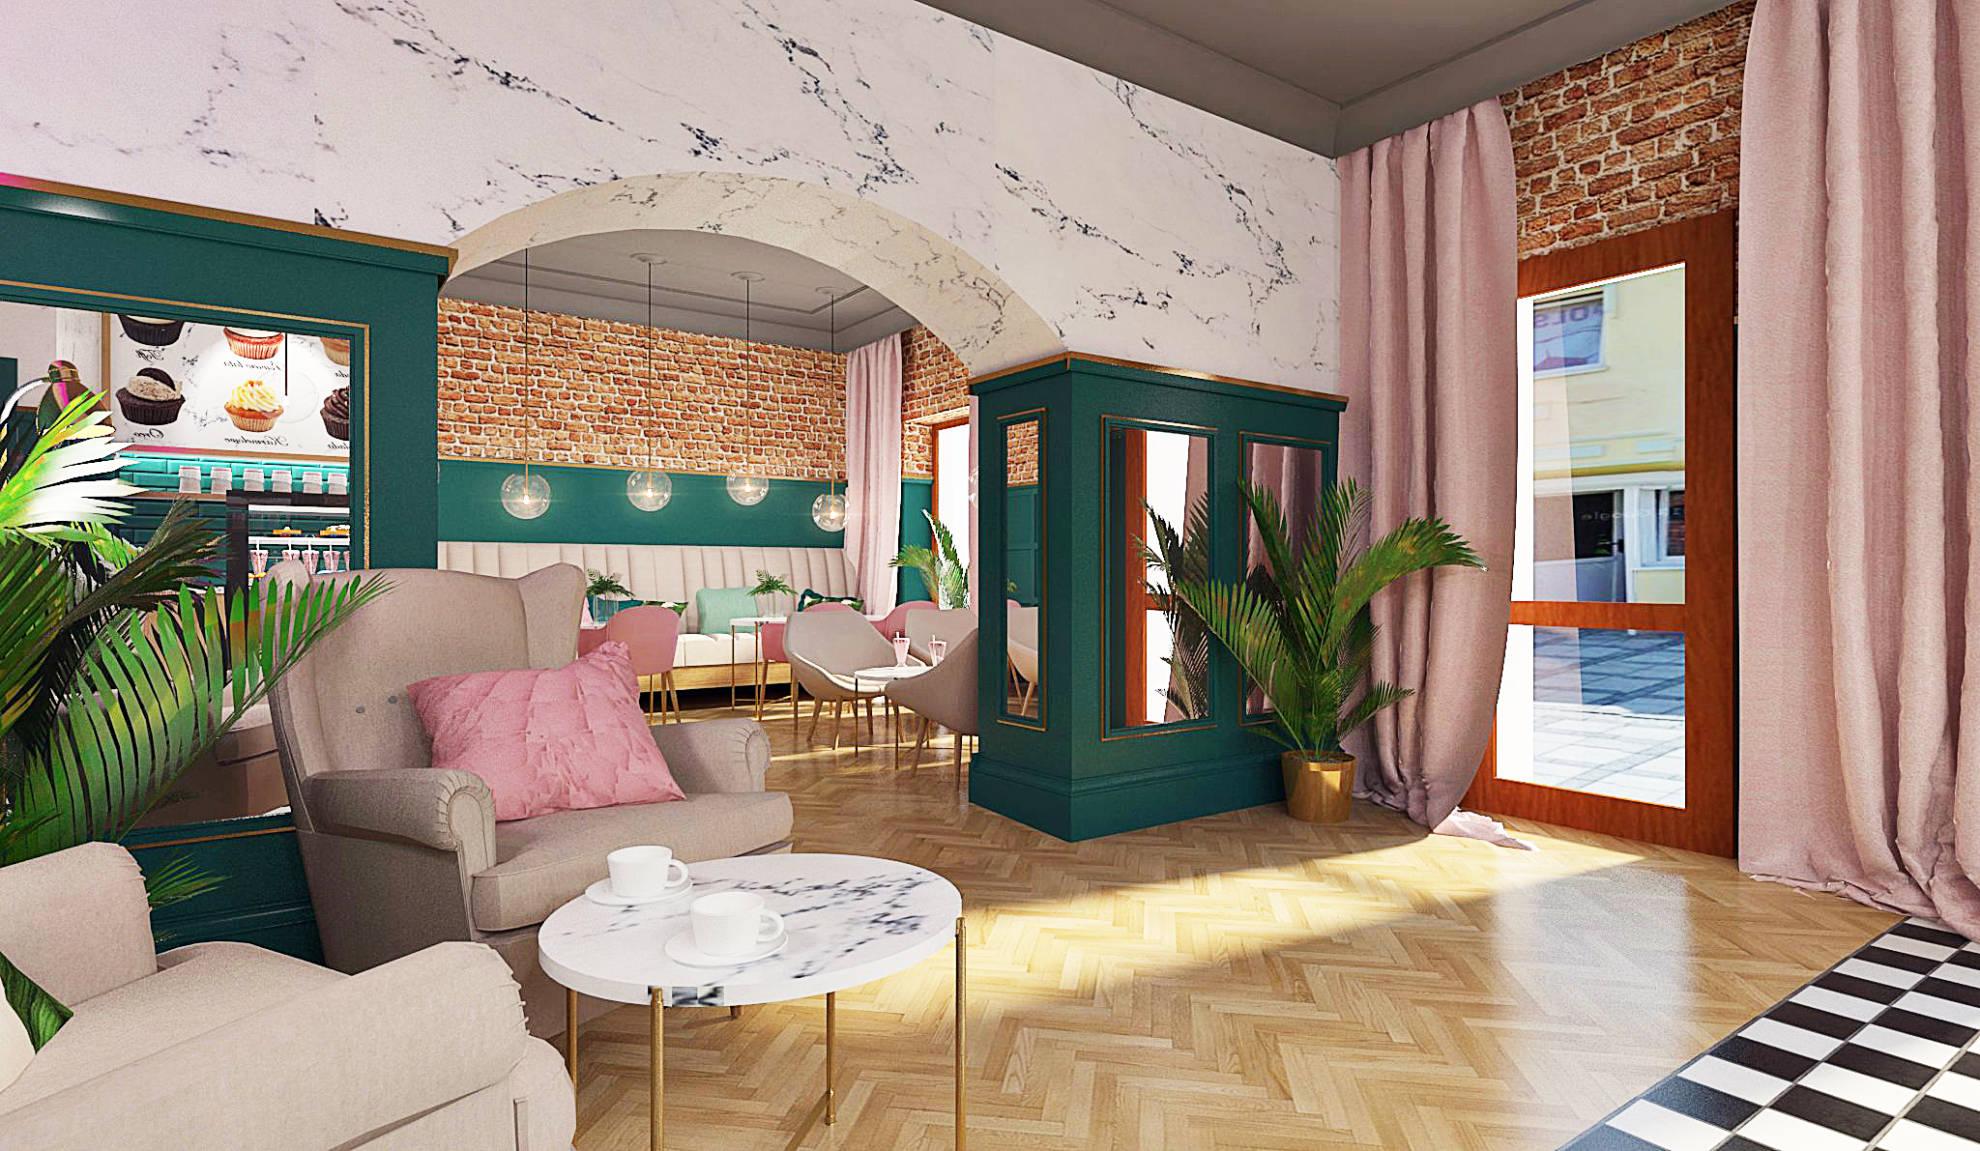 Projekt aranżacji kawiarni - projekt architekt wnętrz Emilia Strzempek Plasun.